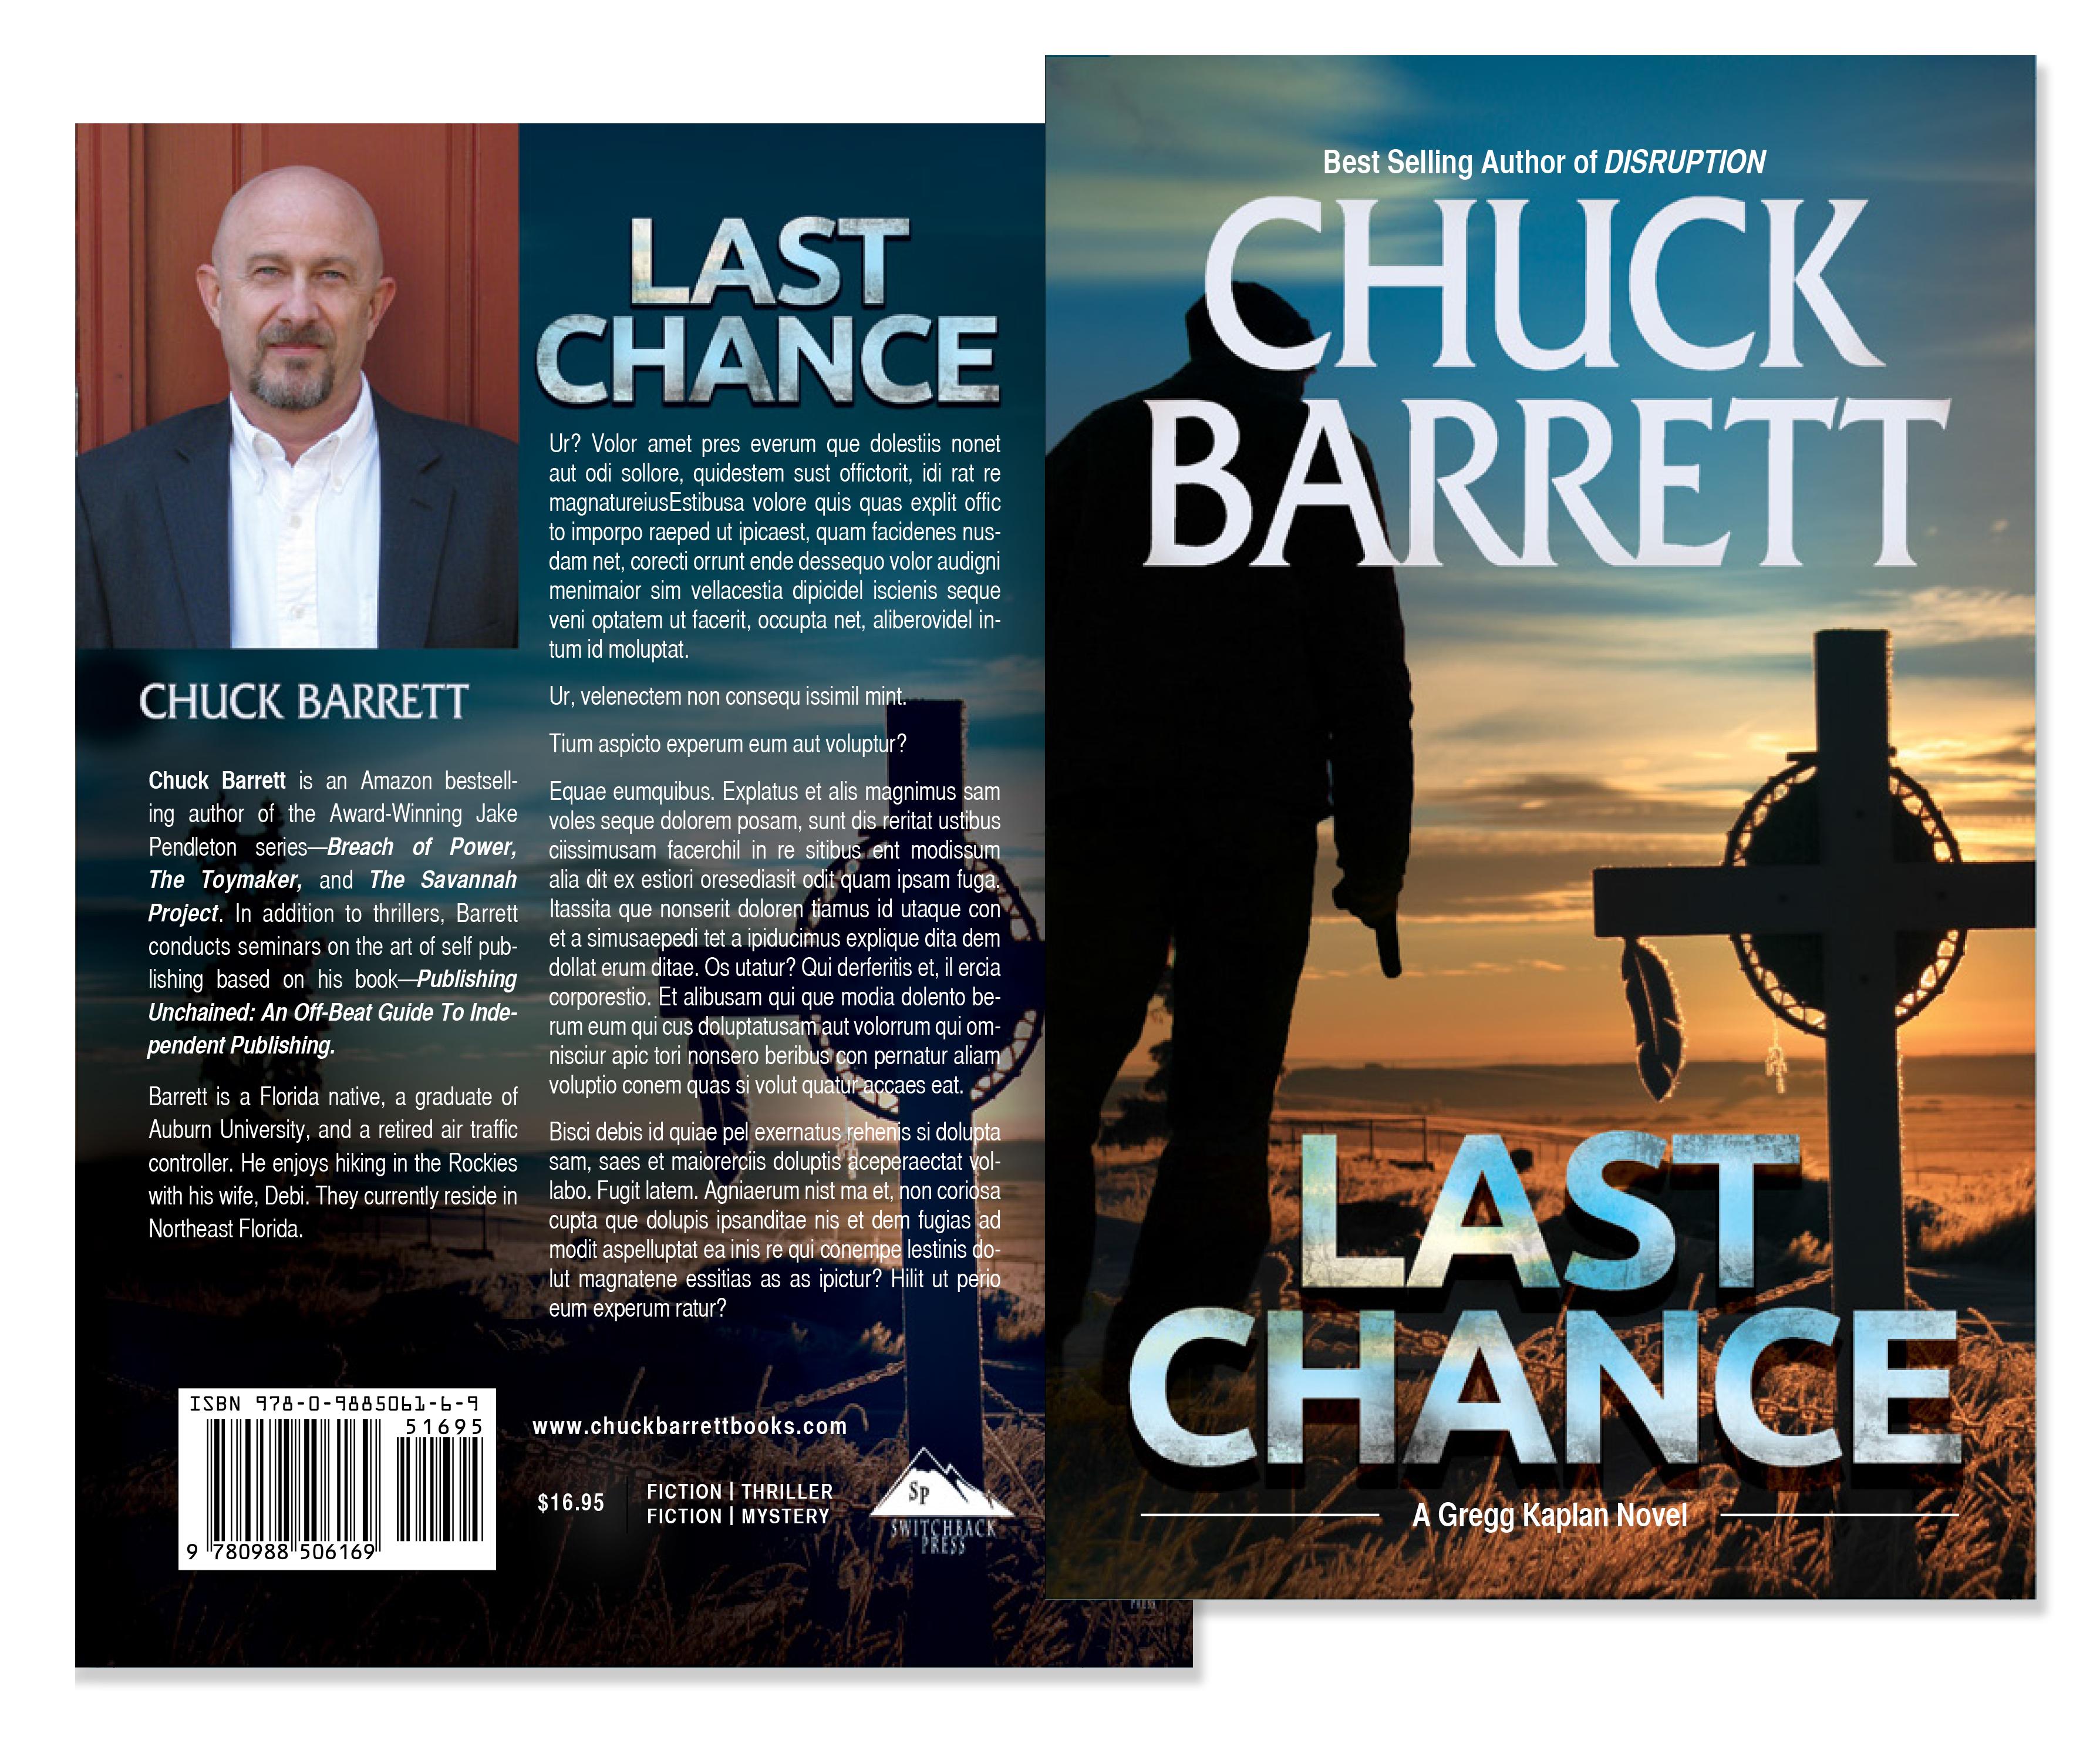 Last chance by chuck barrett book cover design